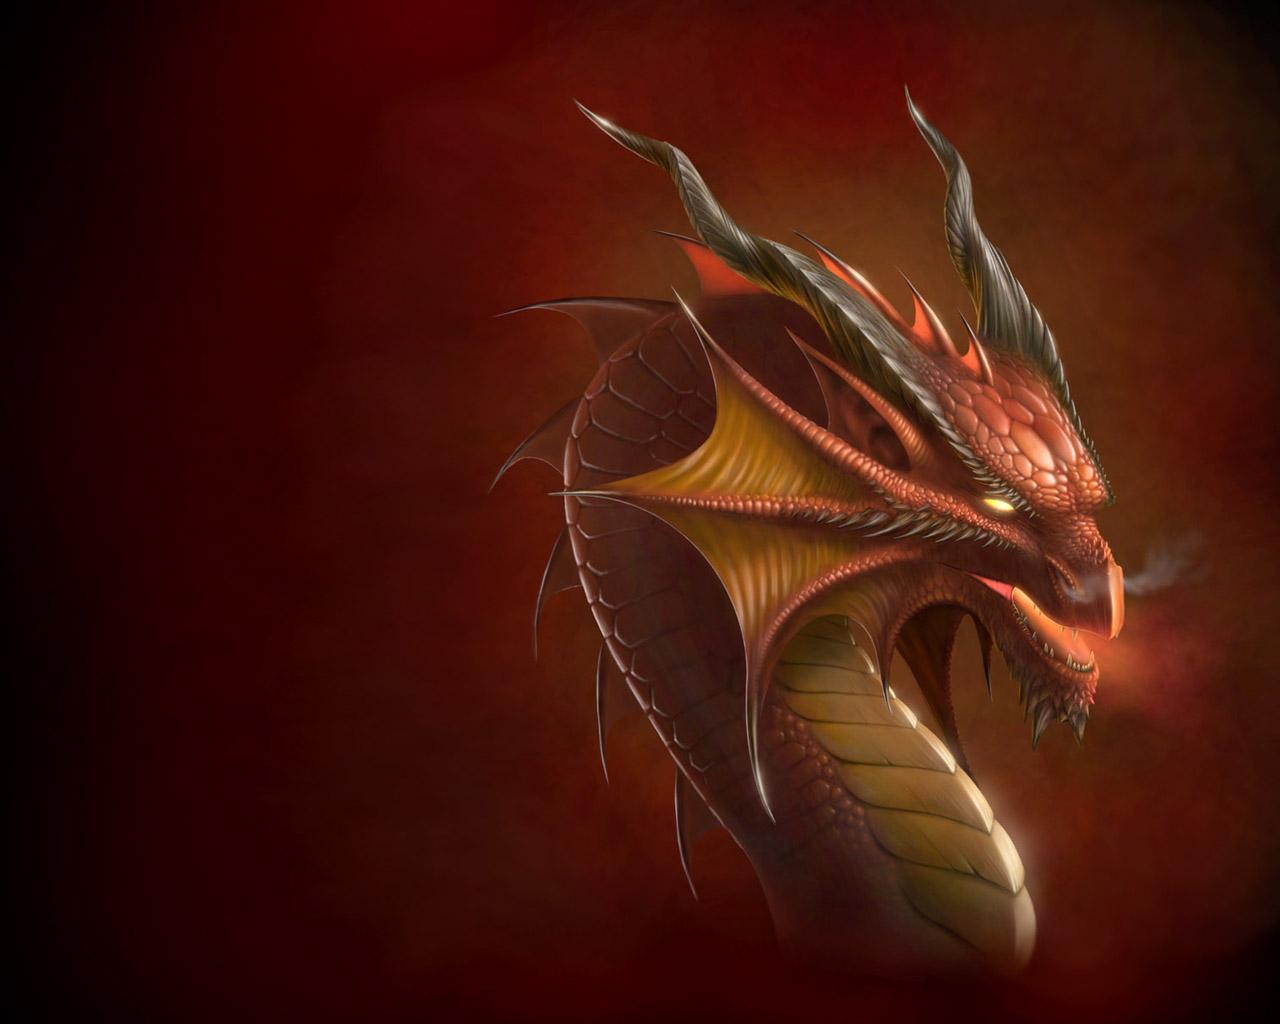 http://3.bp.blogspot.com/-mXRSCbuzHn8/TmSWFEMVlTI/AAAAAAAAALI/rD-a8S0neOA/s1600/Dragons-Wallpapers-4.jpg